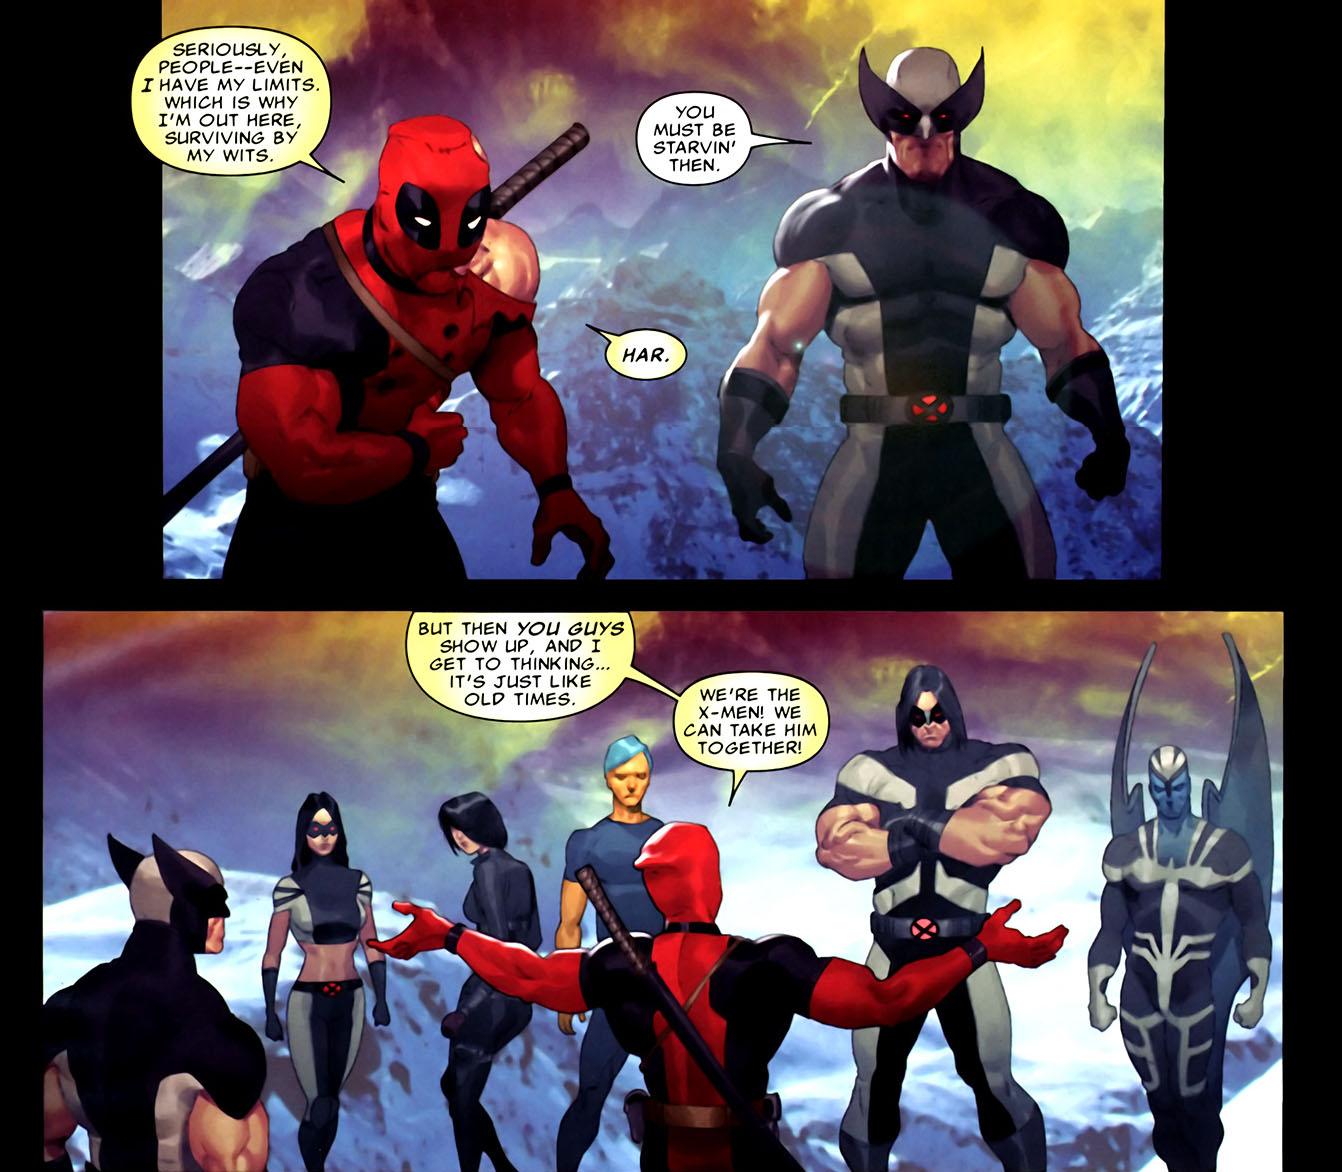 deadpool's not an x-man